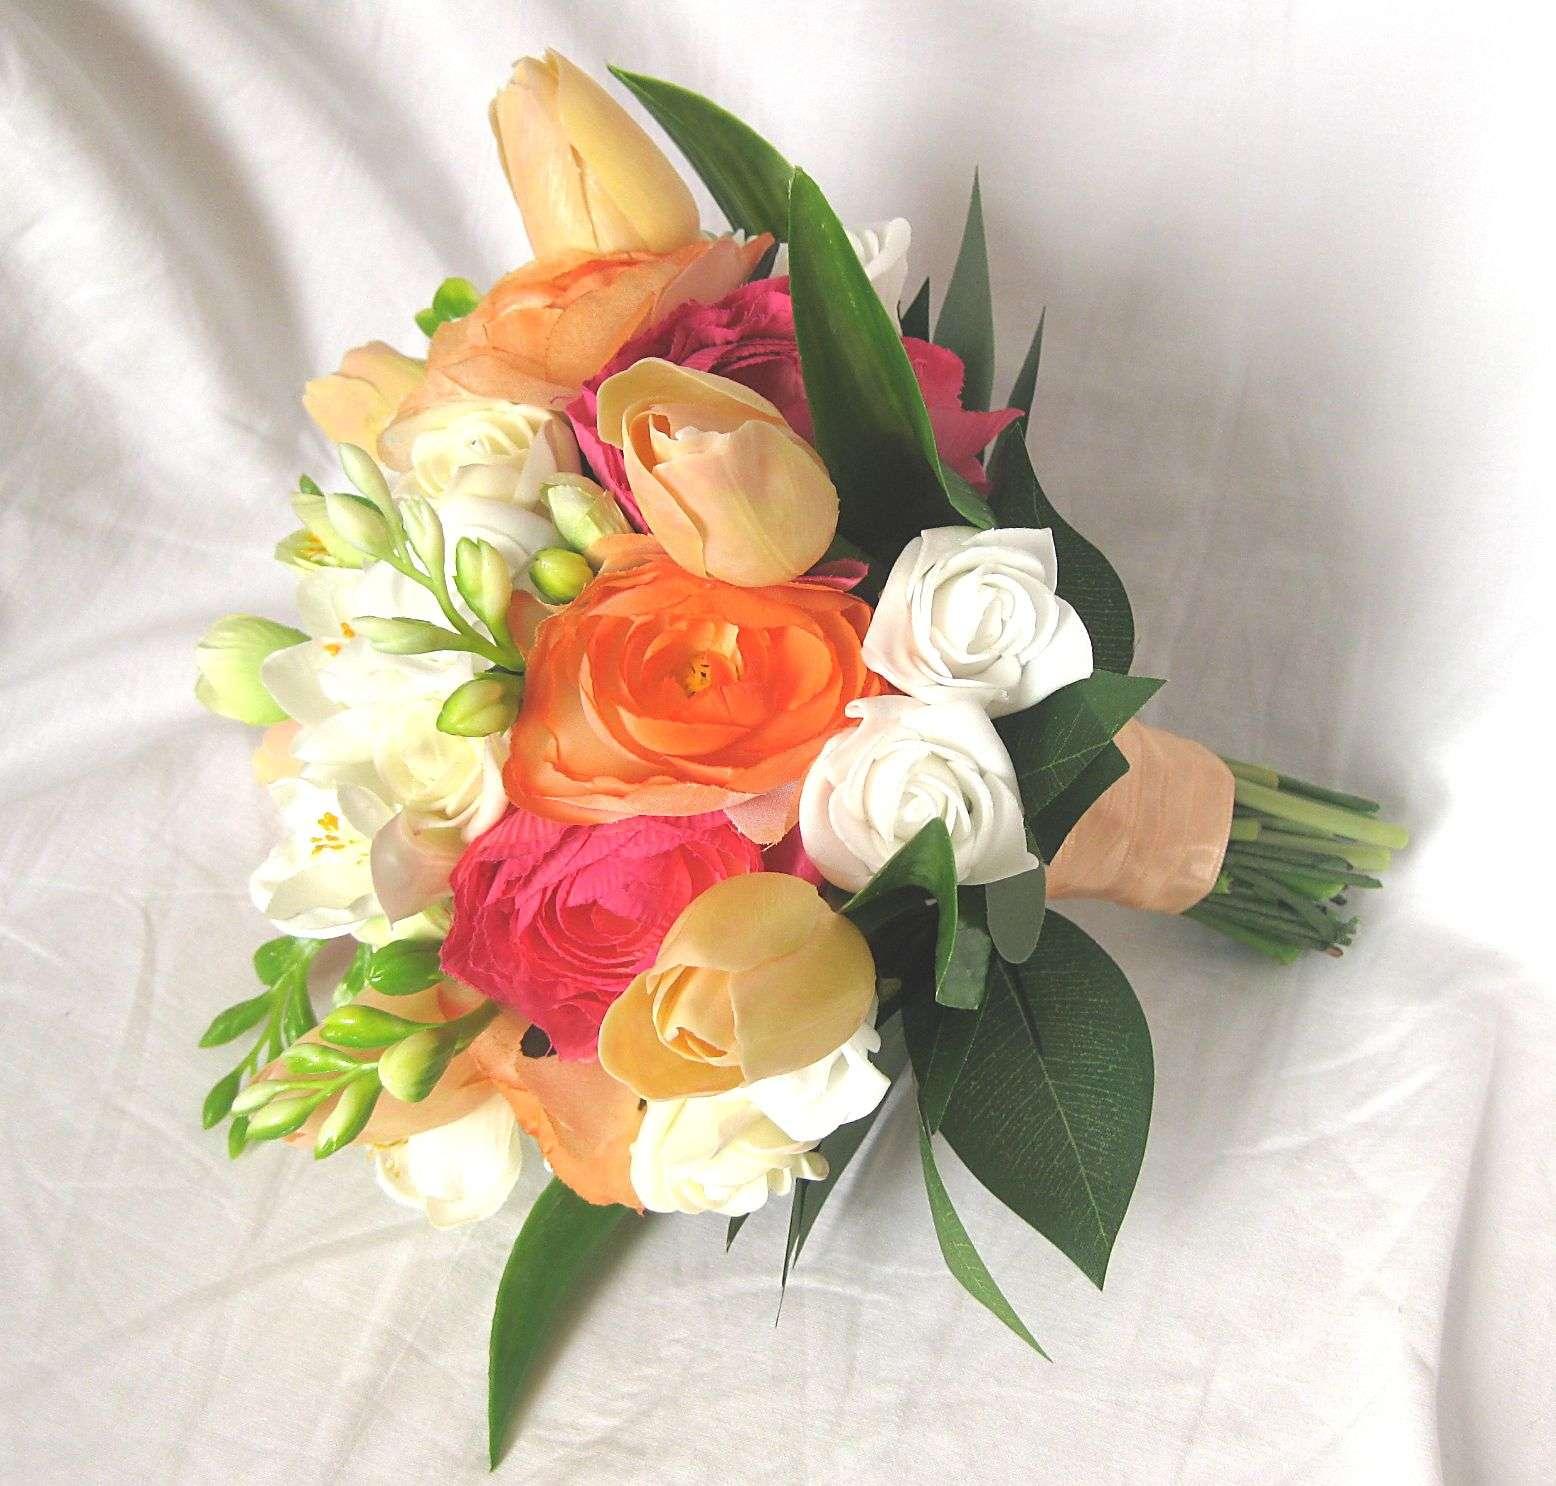 Svatební kytice - tulipán, ranunculus, frézie - Obrázek č. 1